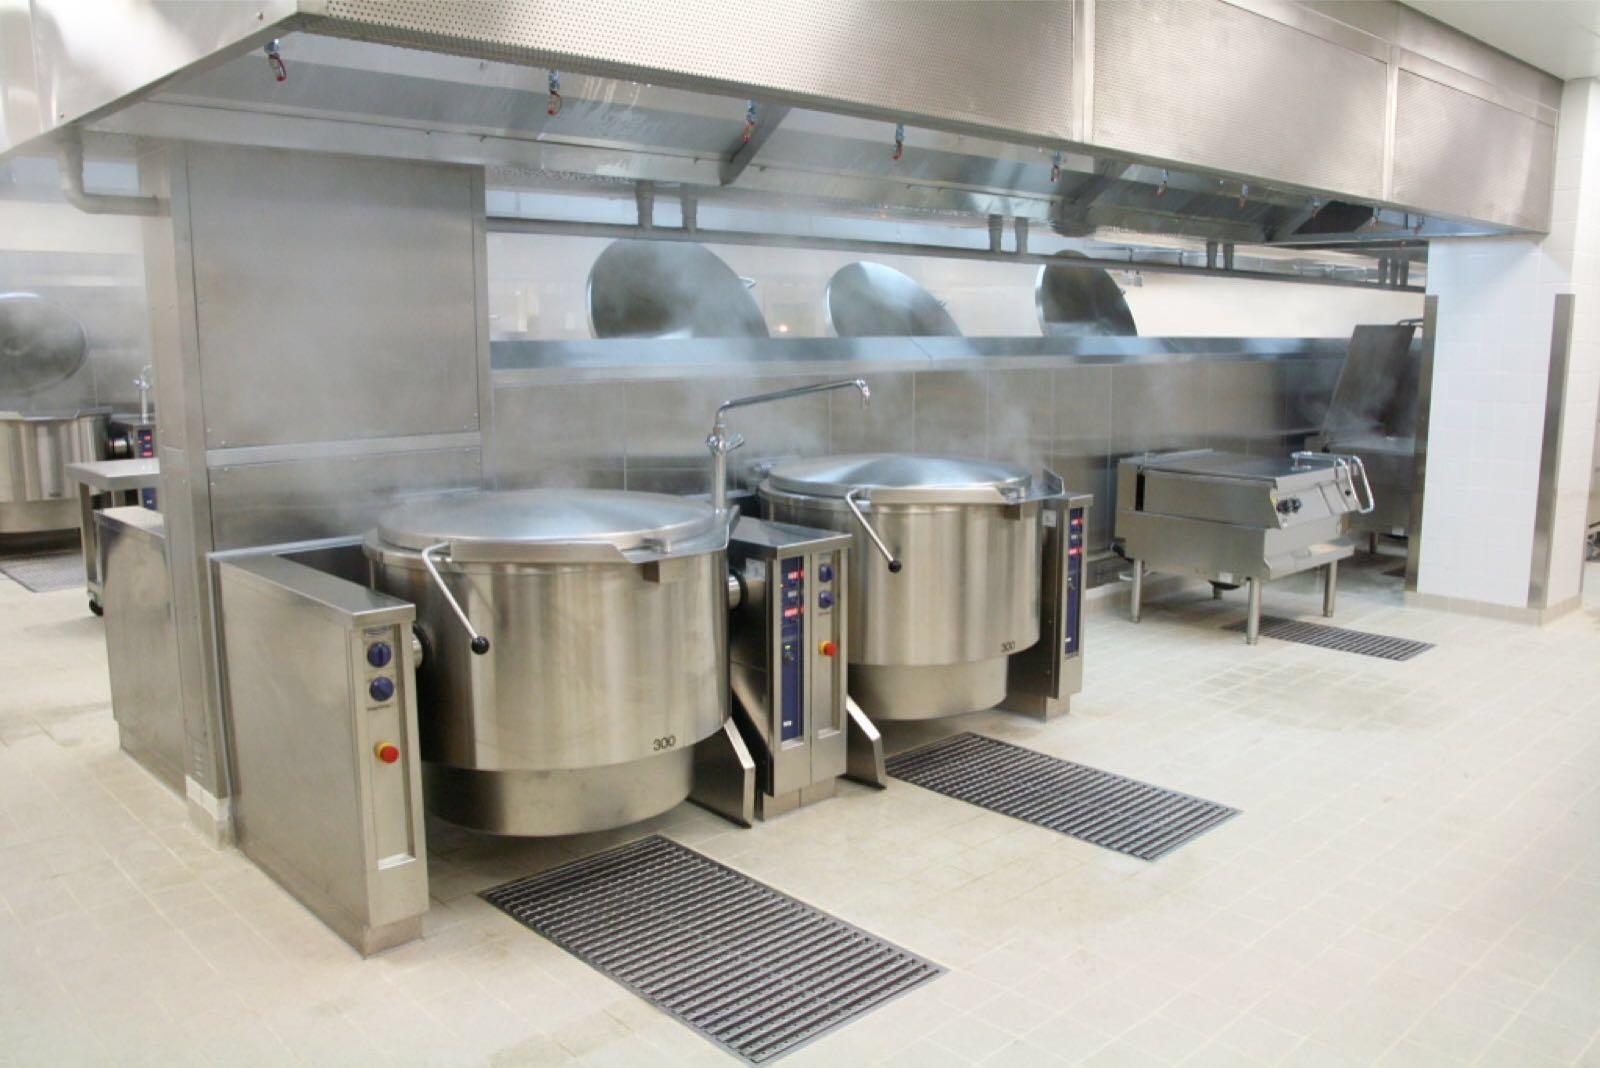 商用厨房设备采购、商用厨房设计、商用厨房设备定制——找全厨通